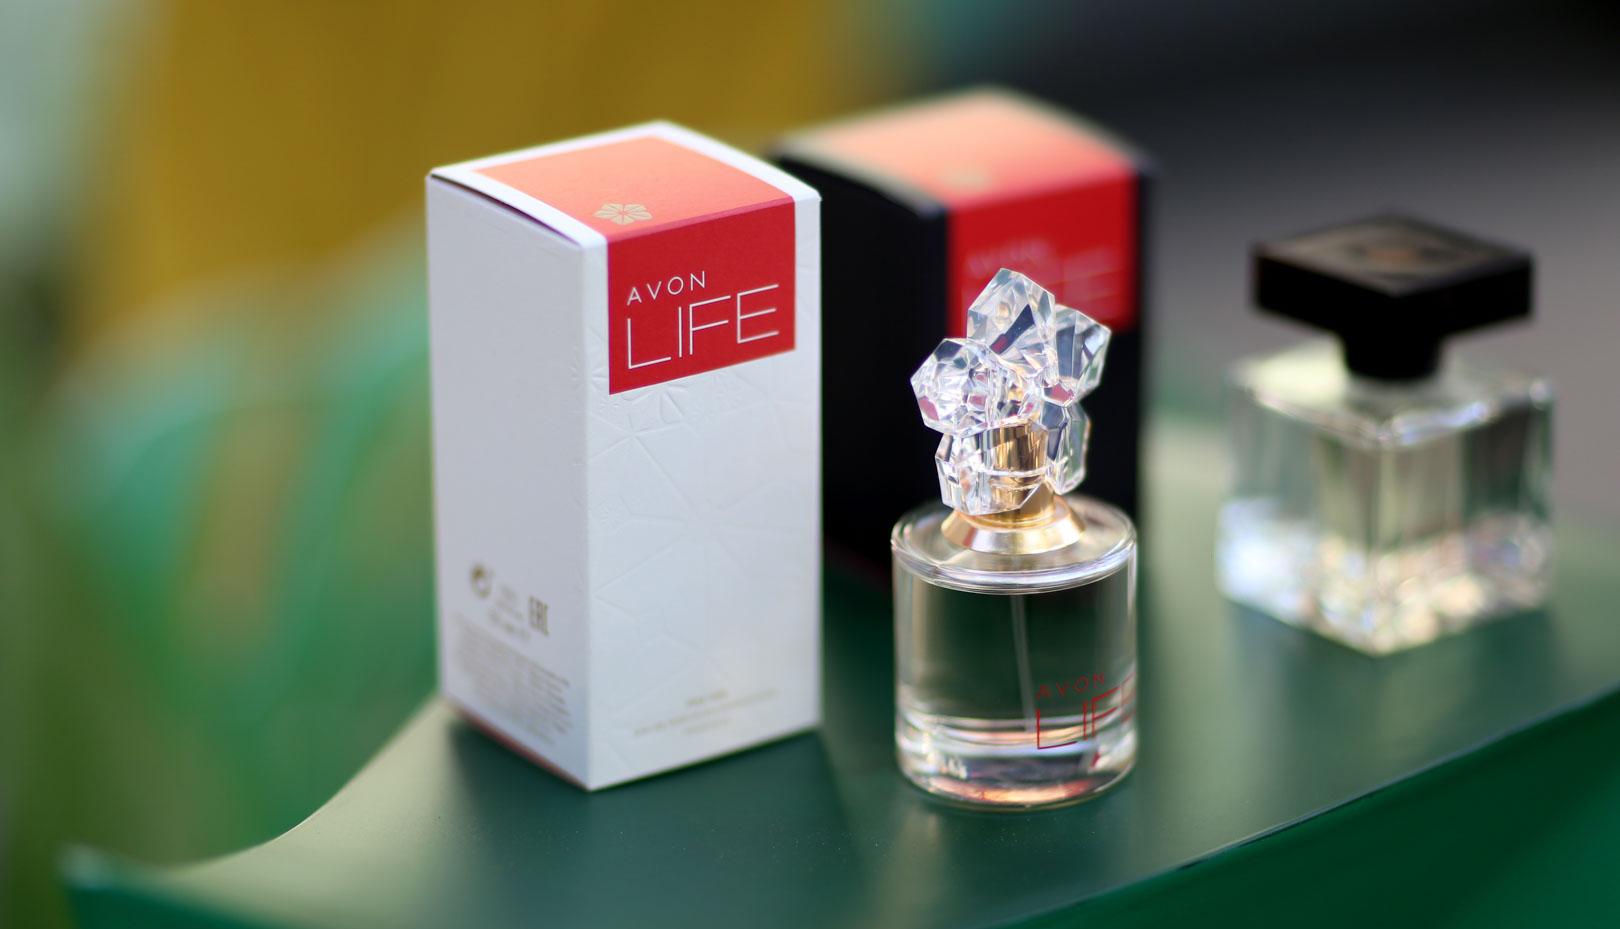 Новый аромат Avon Life с Кензо такада. эйвон лайф